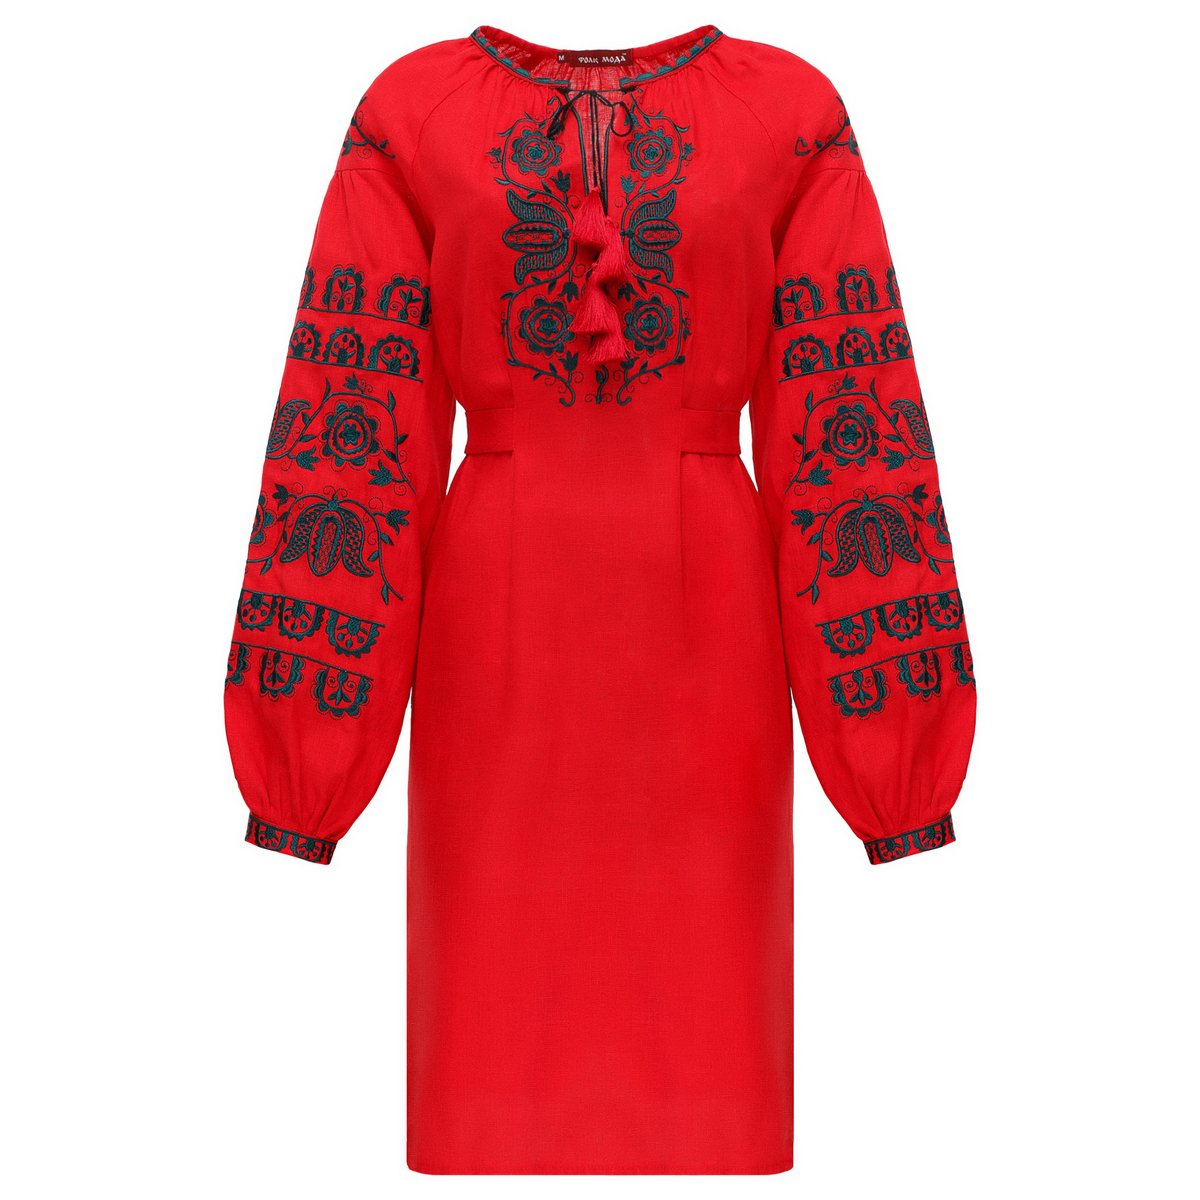 Сукня вишиванка Фолк мода (015) L f001de7b6540d